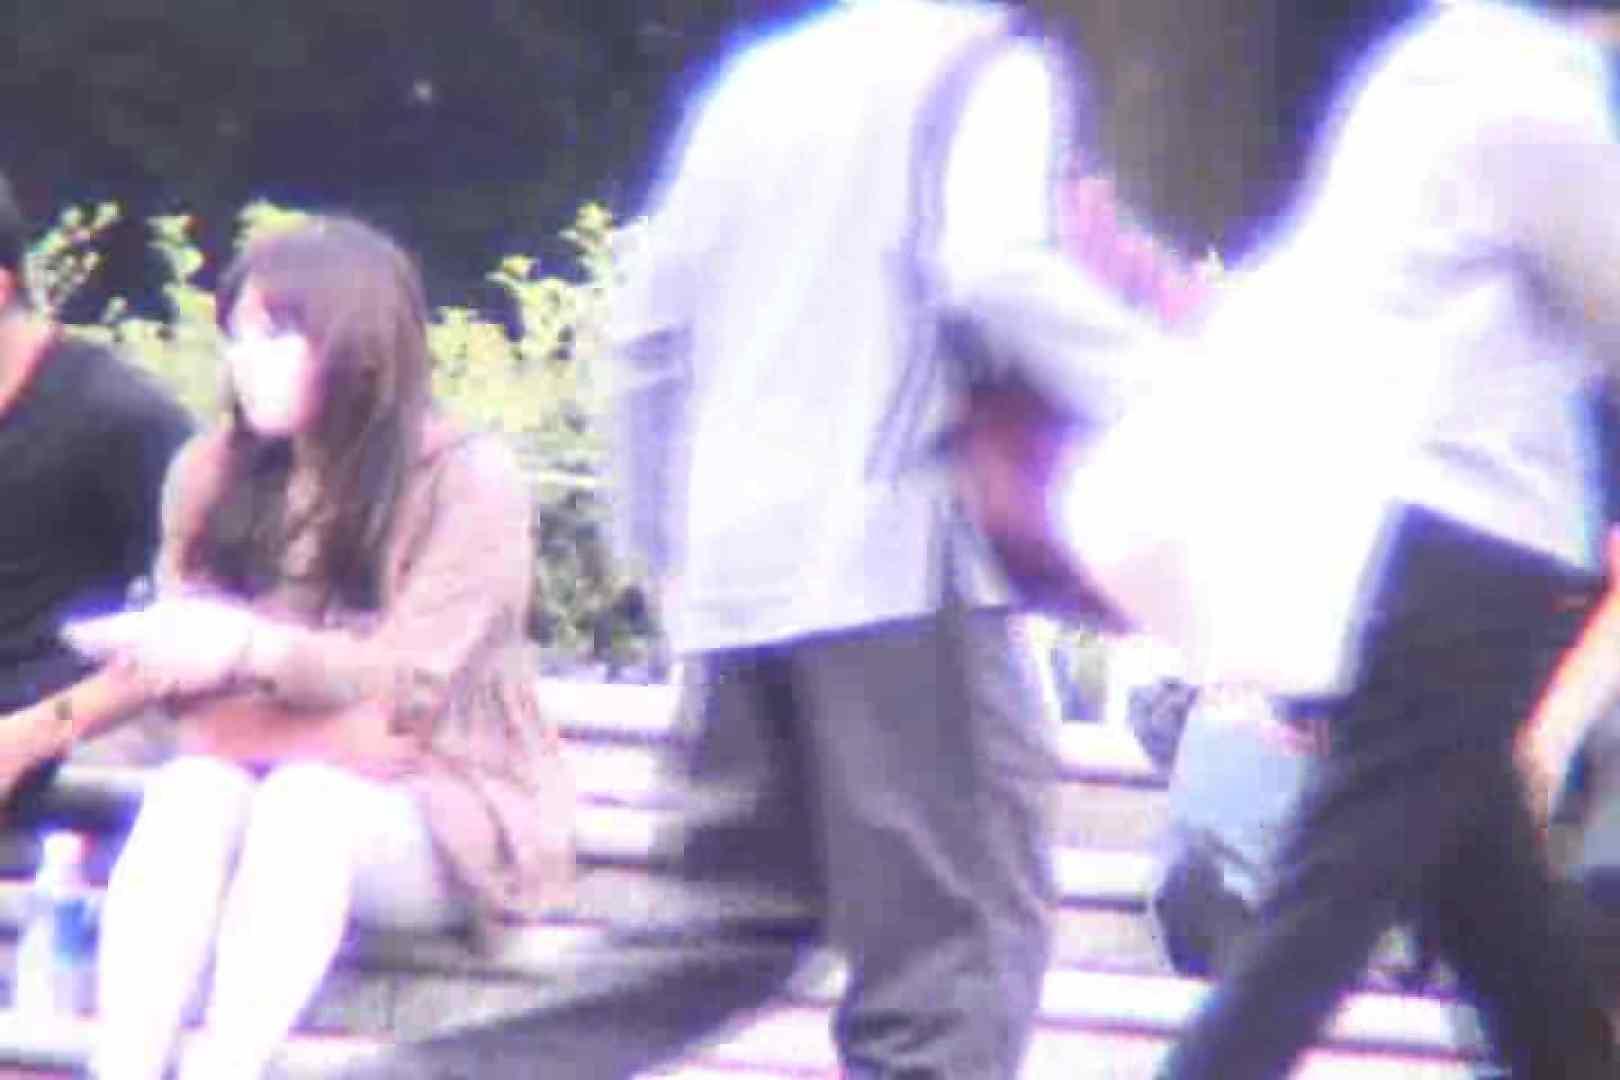 超最新版!春夏秋冬 vol.04 丸見え ワレメ動画紹介 97pic 61